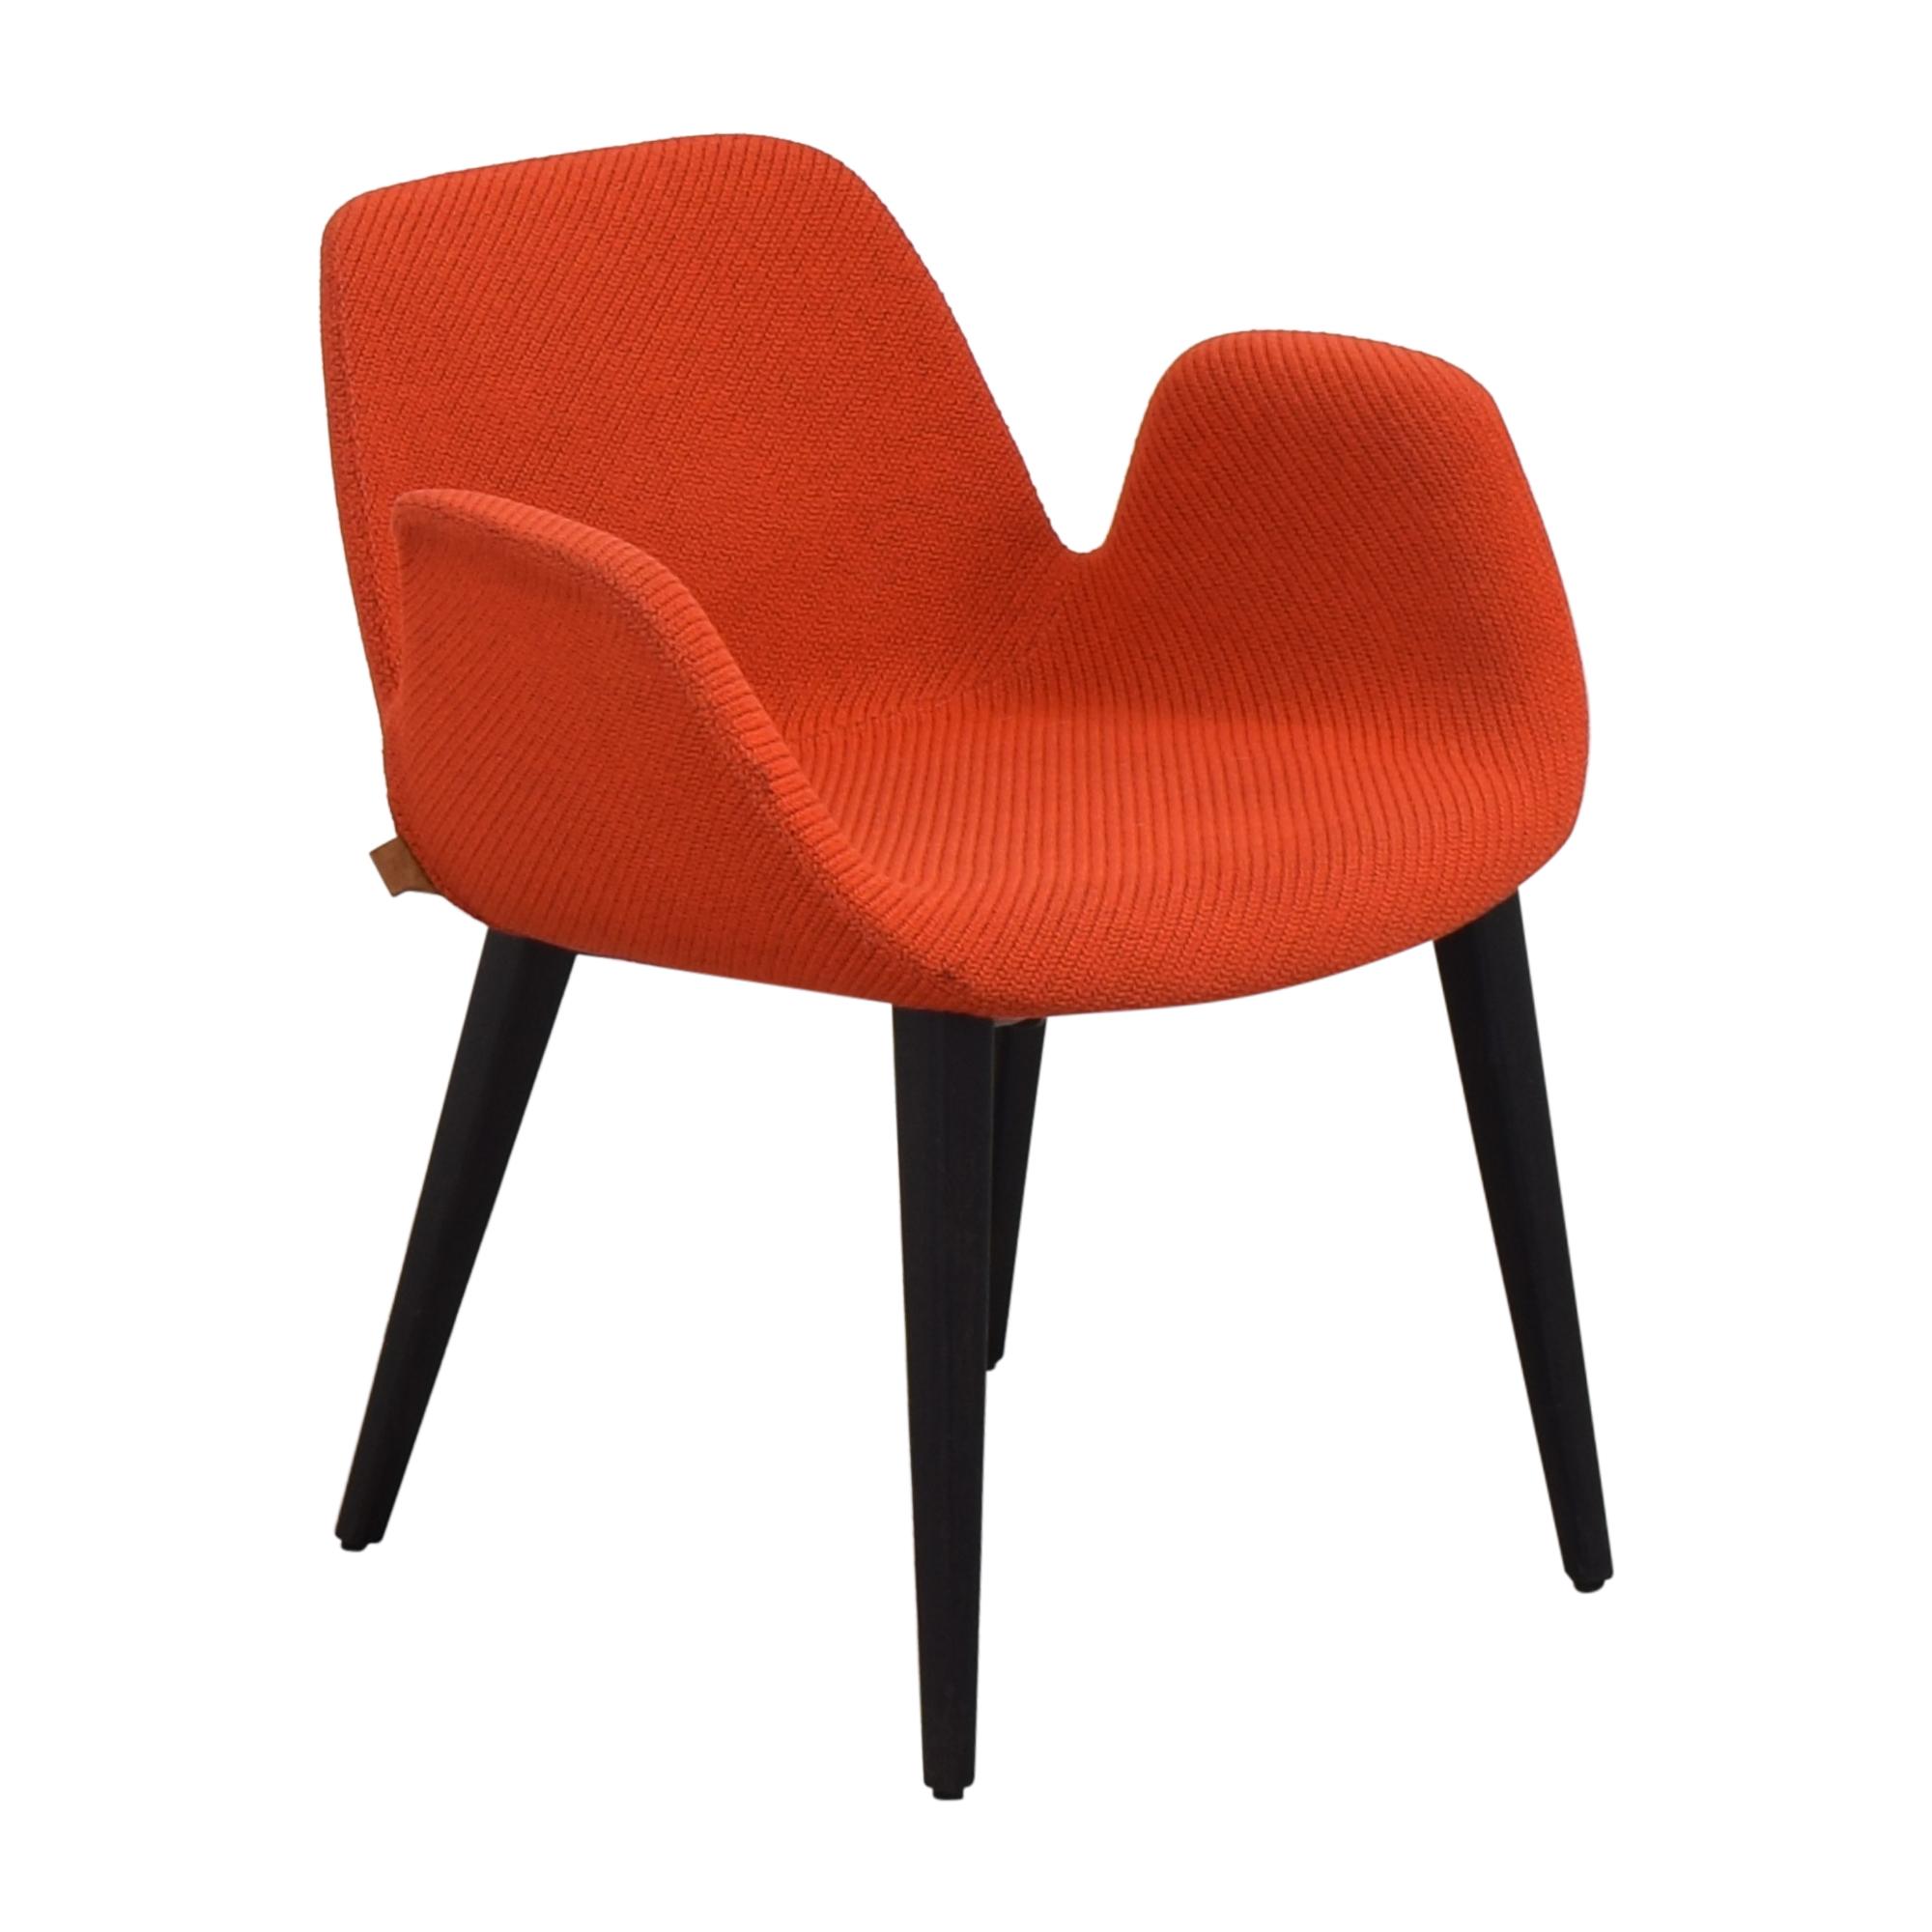 Koleksiyon Koleksiyon Halia Arm Chair used